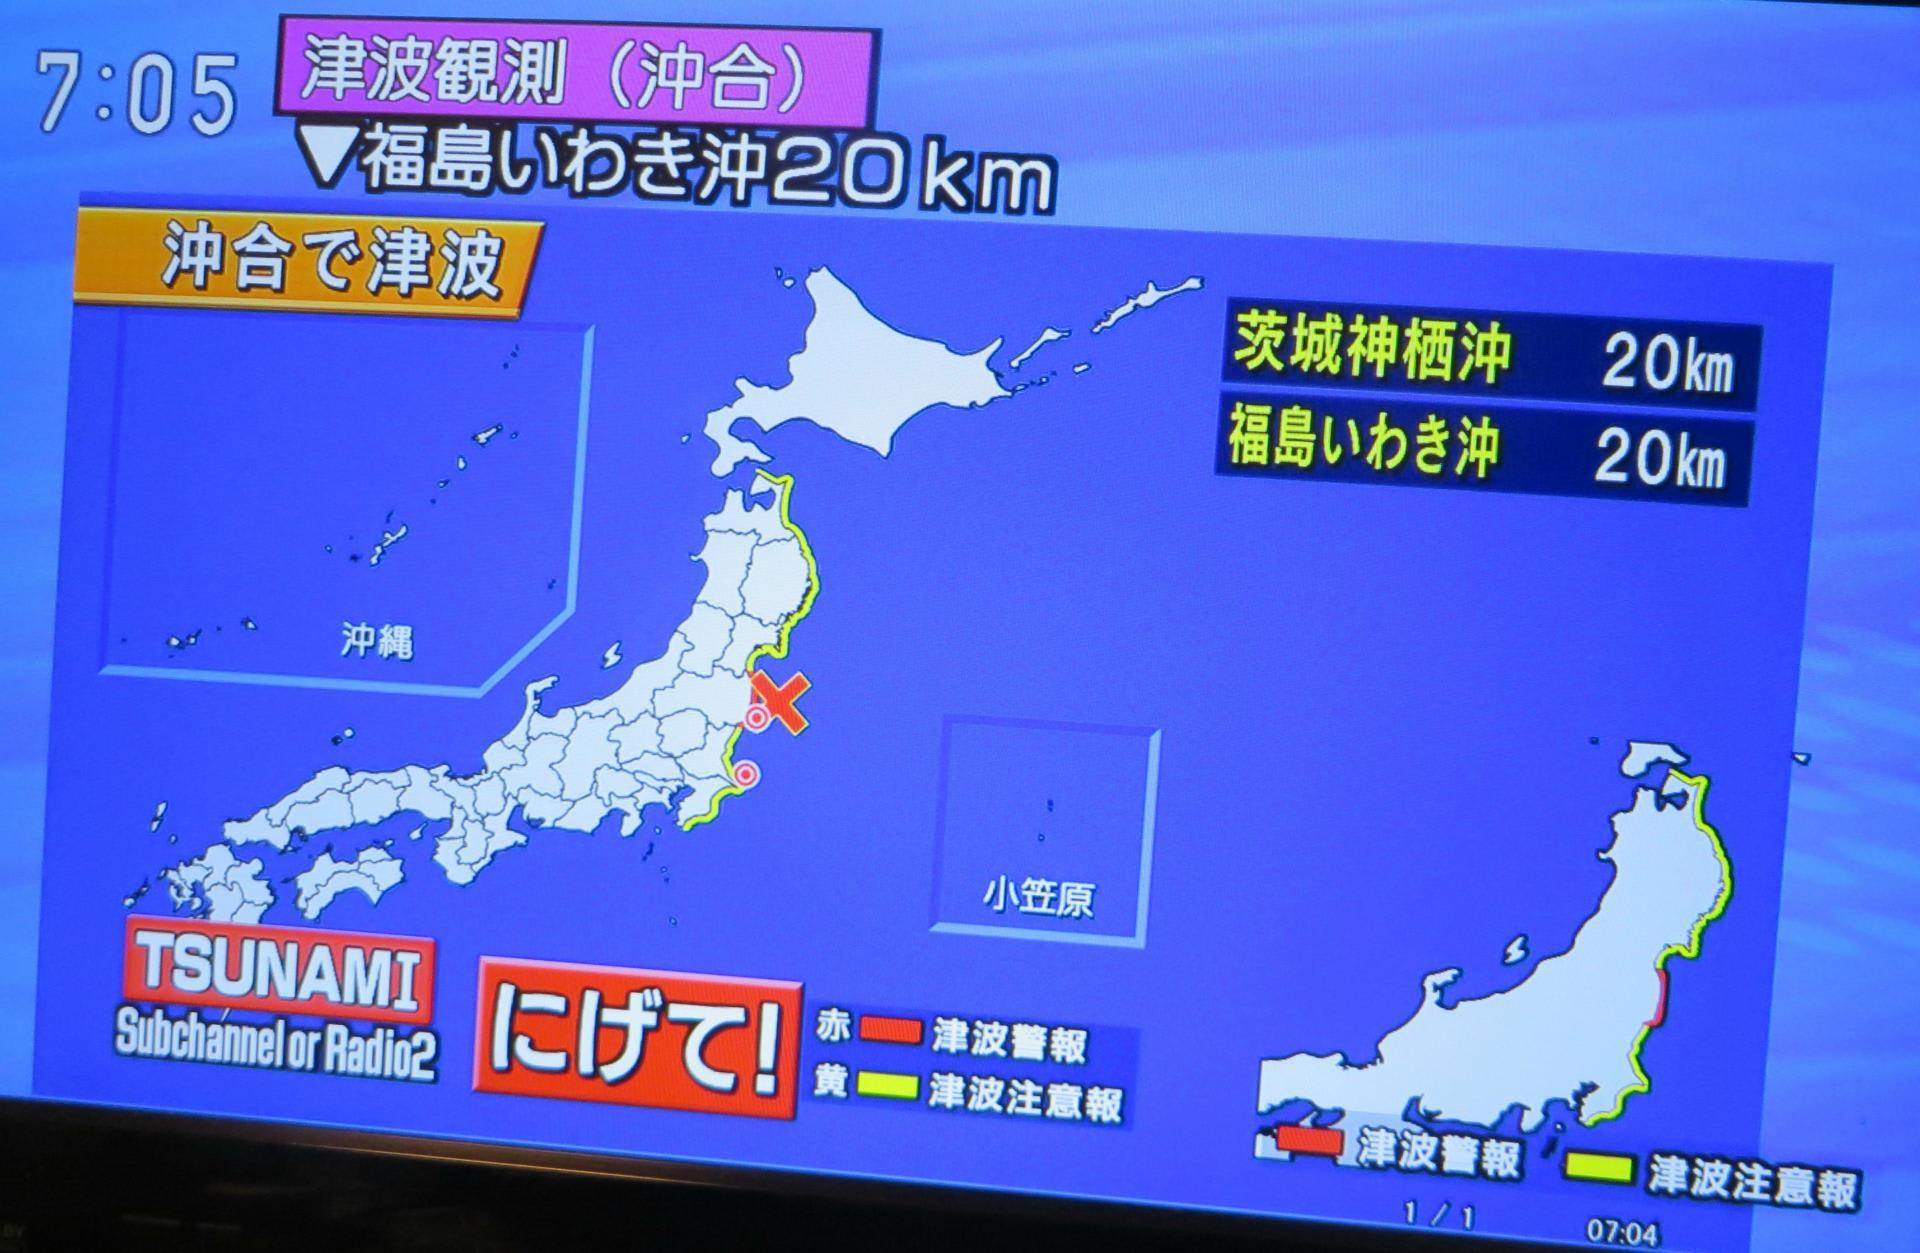 大震災 震度 東北